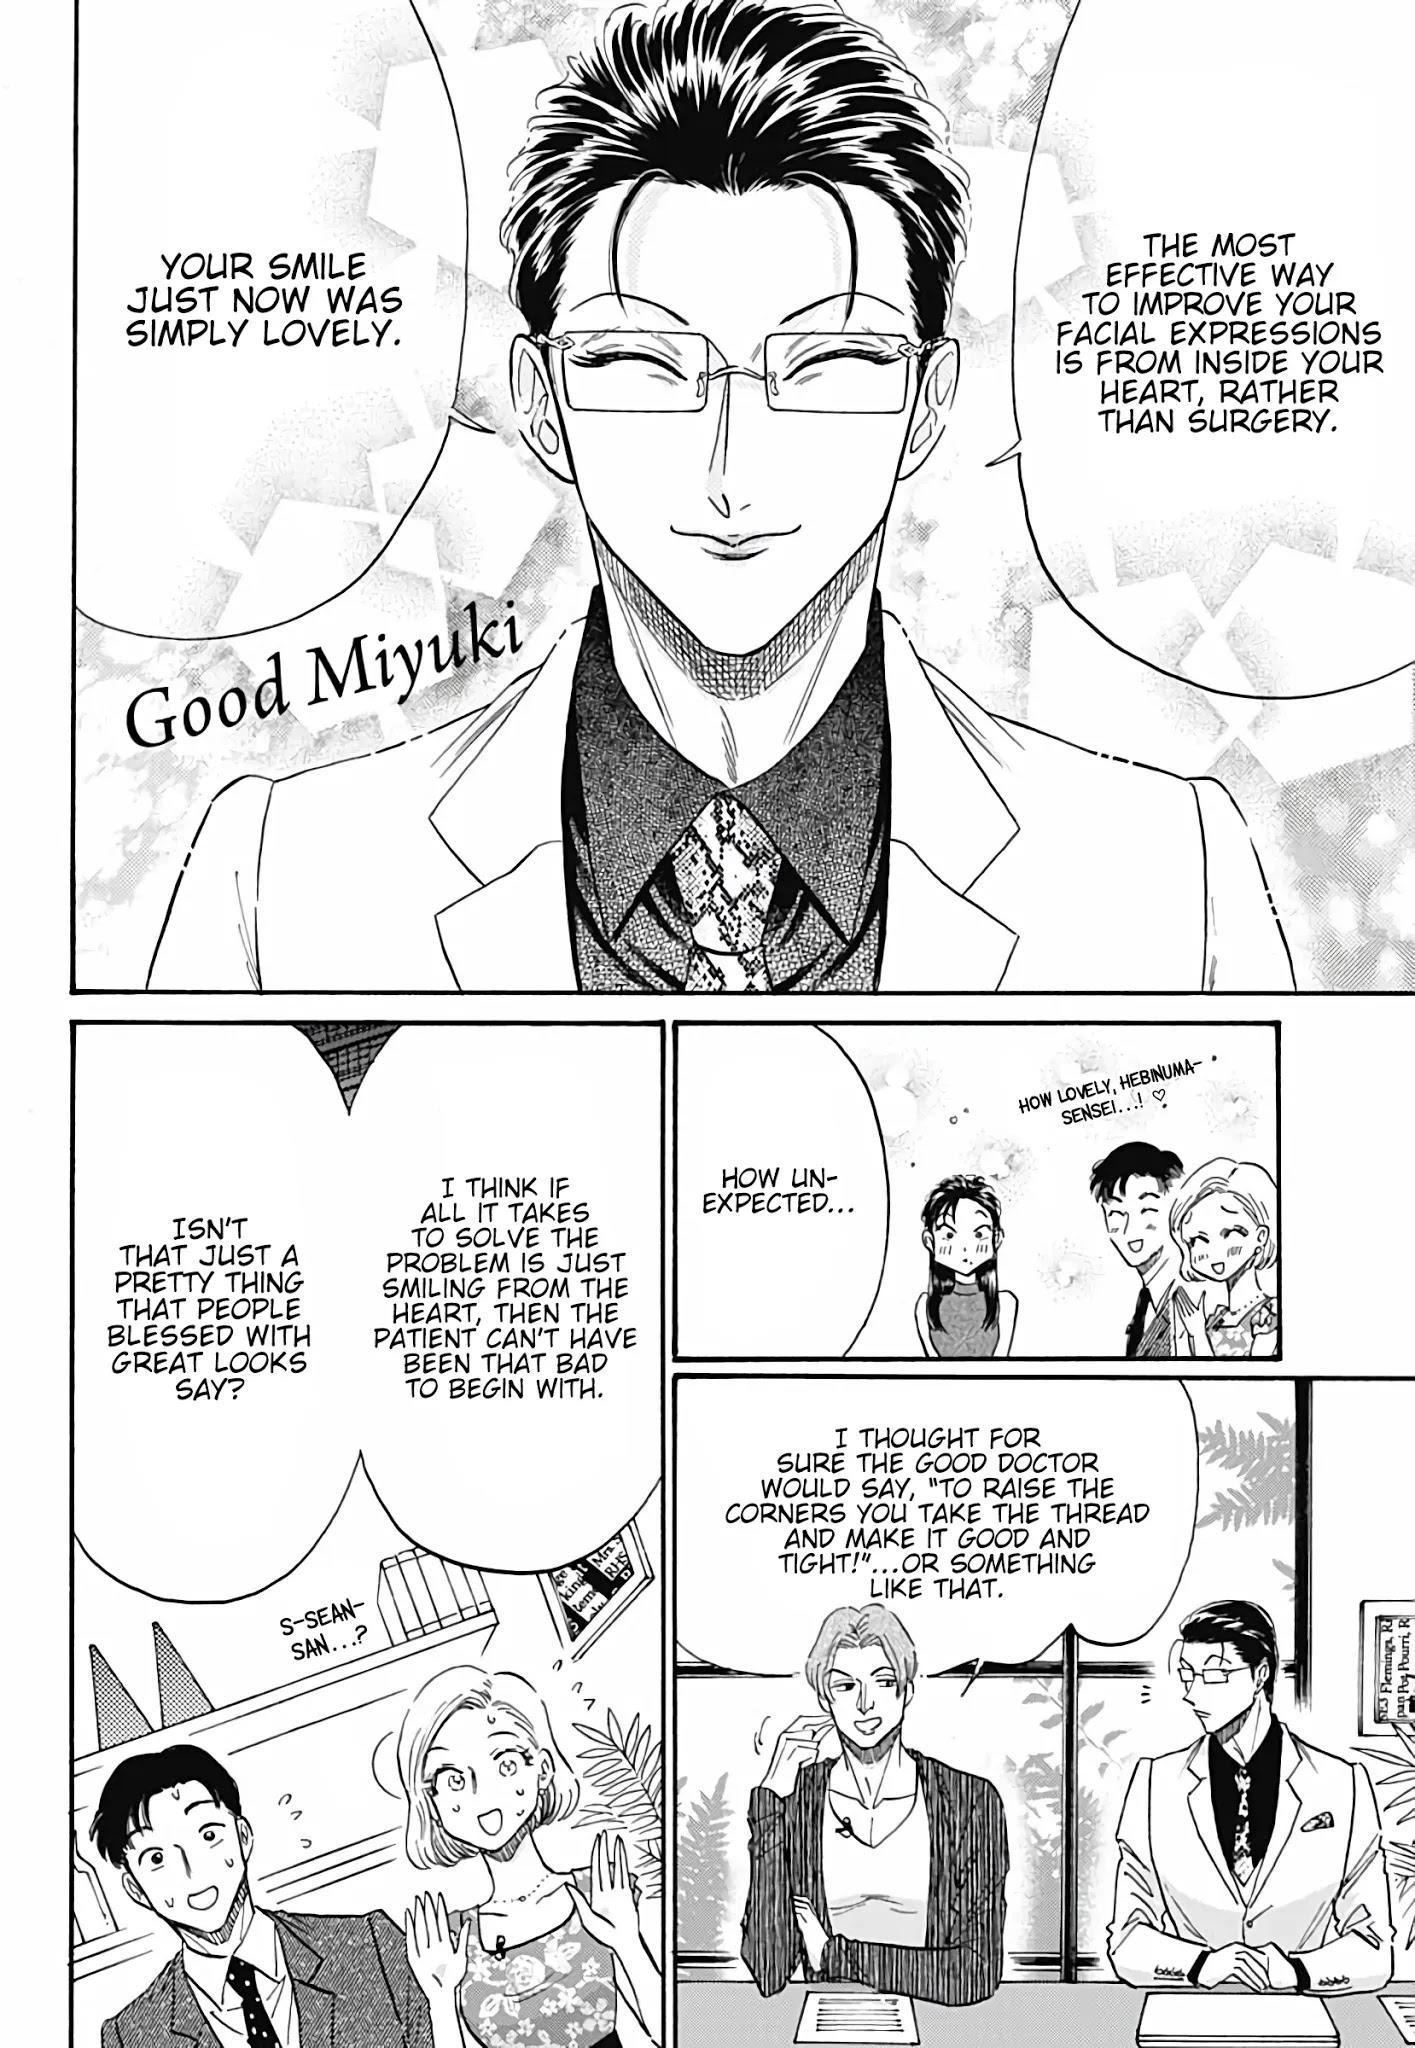 Kowloon Generic Romance Chapter 39 page 7 - Mangakakalots.com